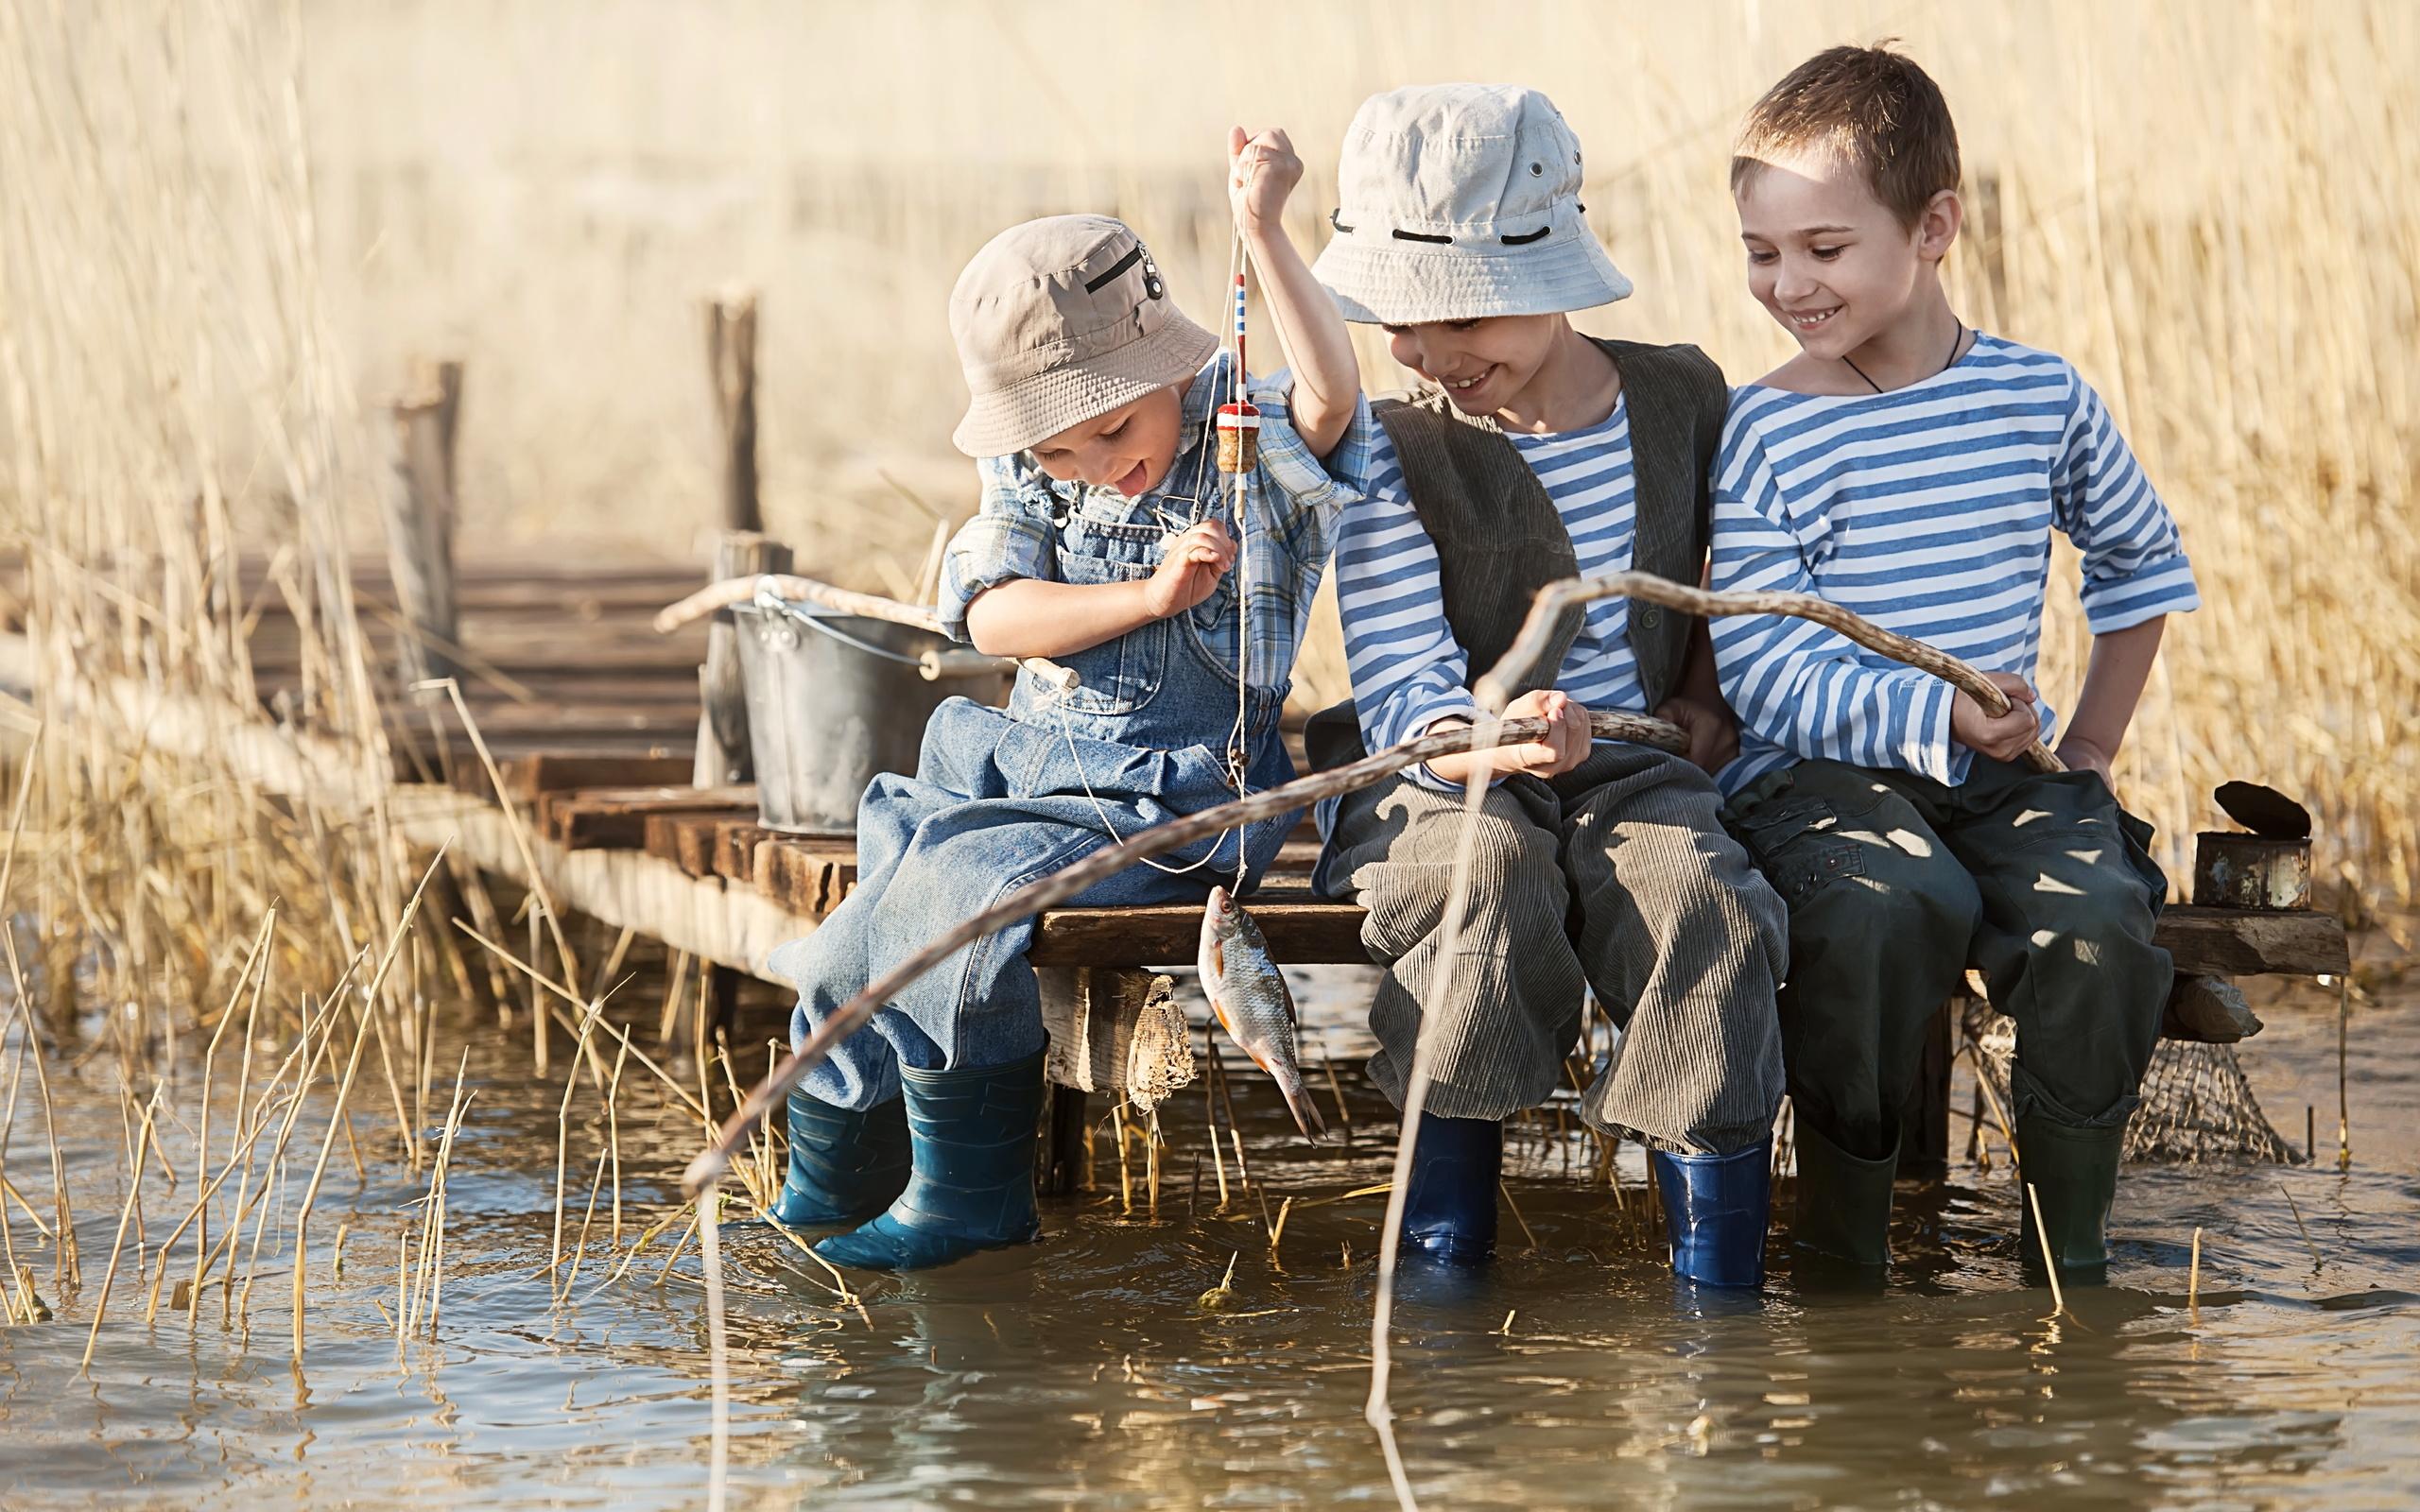 Смешные картинки дети играют, надписями английскими телефон